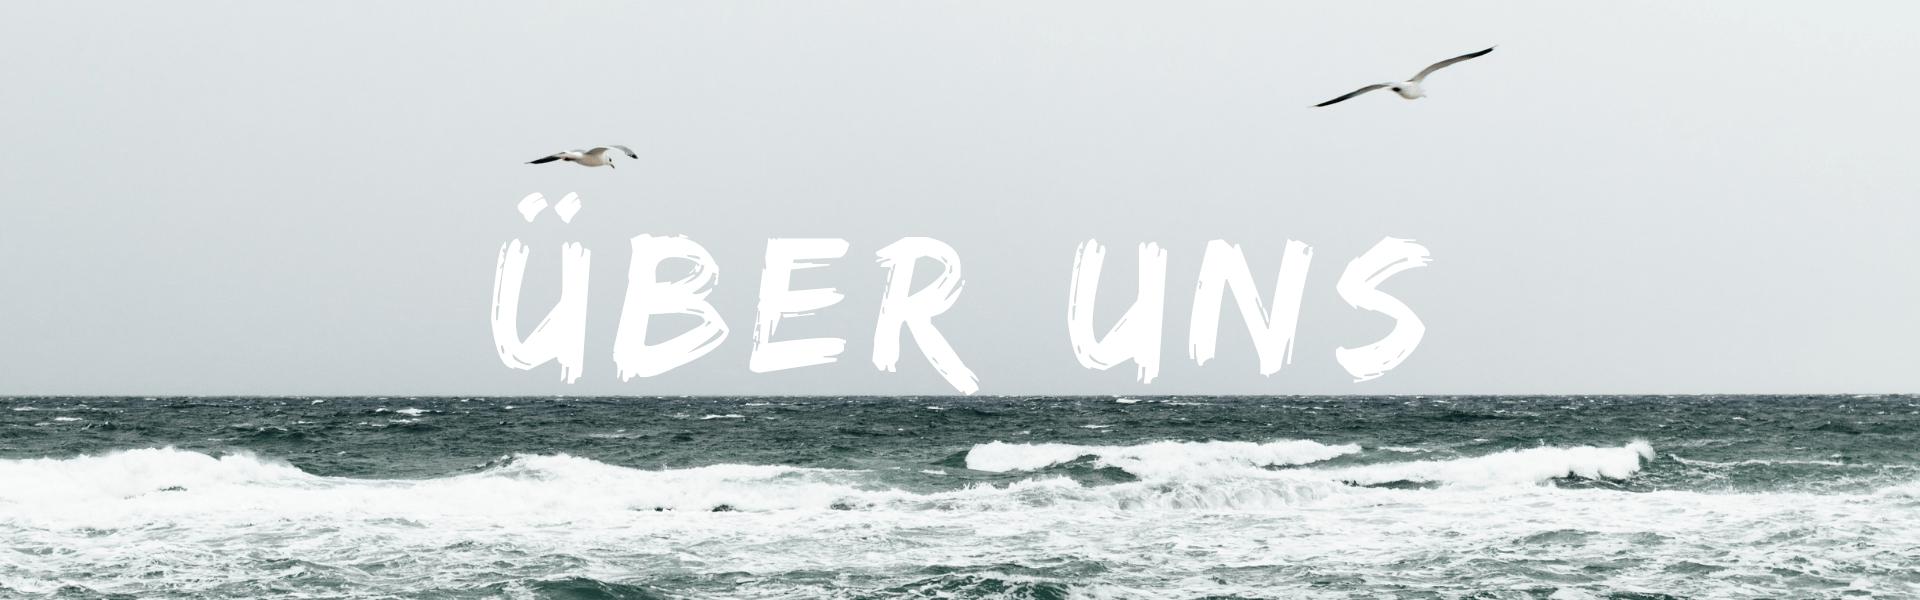 nordichgruen: Über uns: Das nordischgruen Green Team: Idee & Ziel von nordischgruen